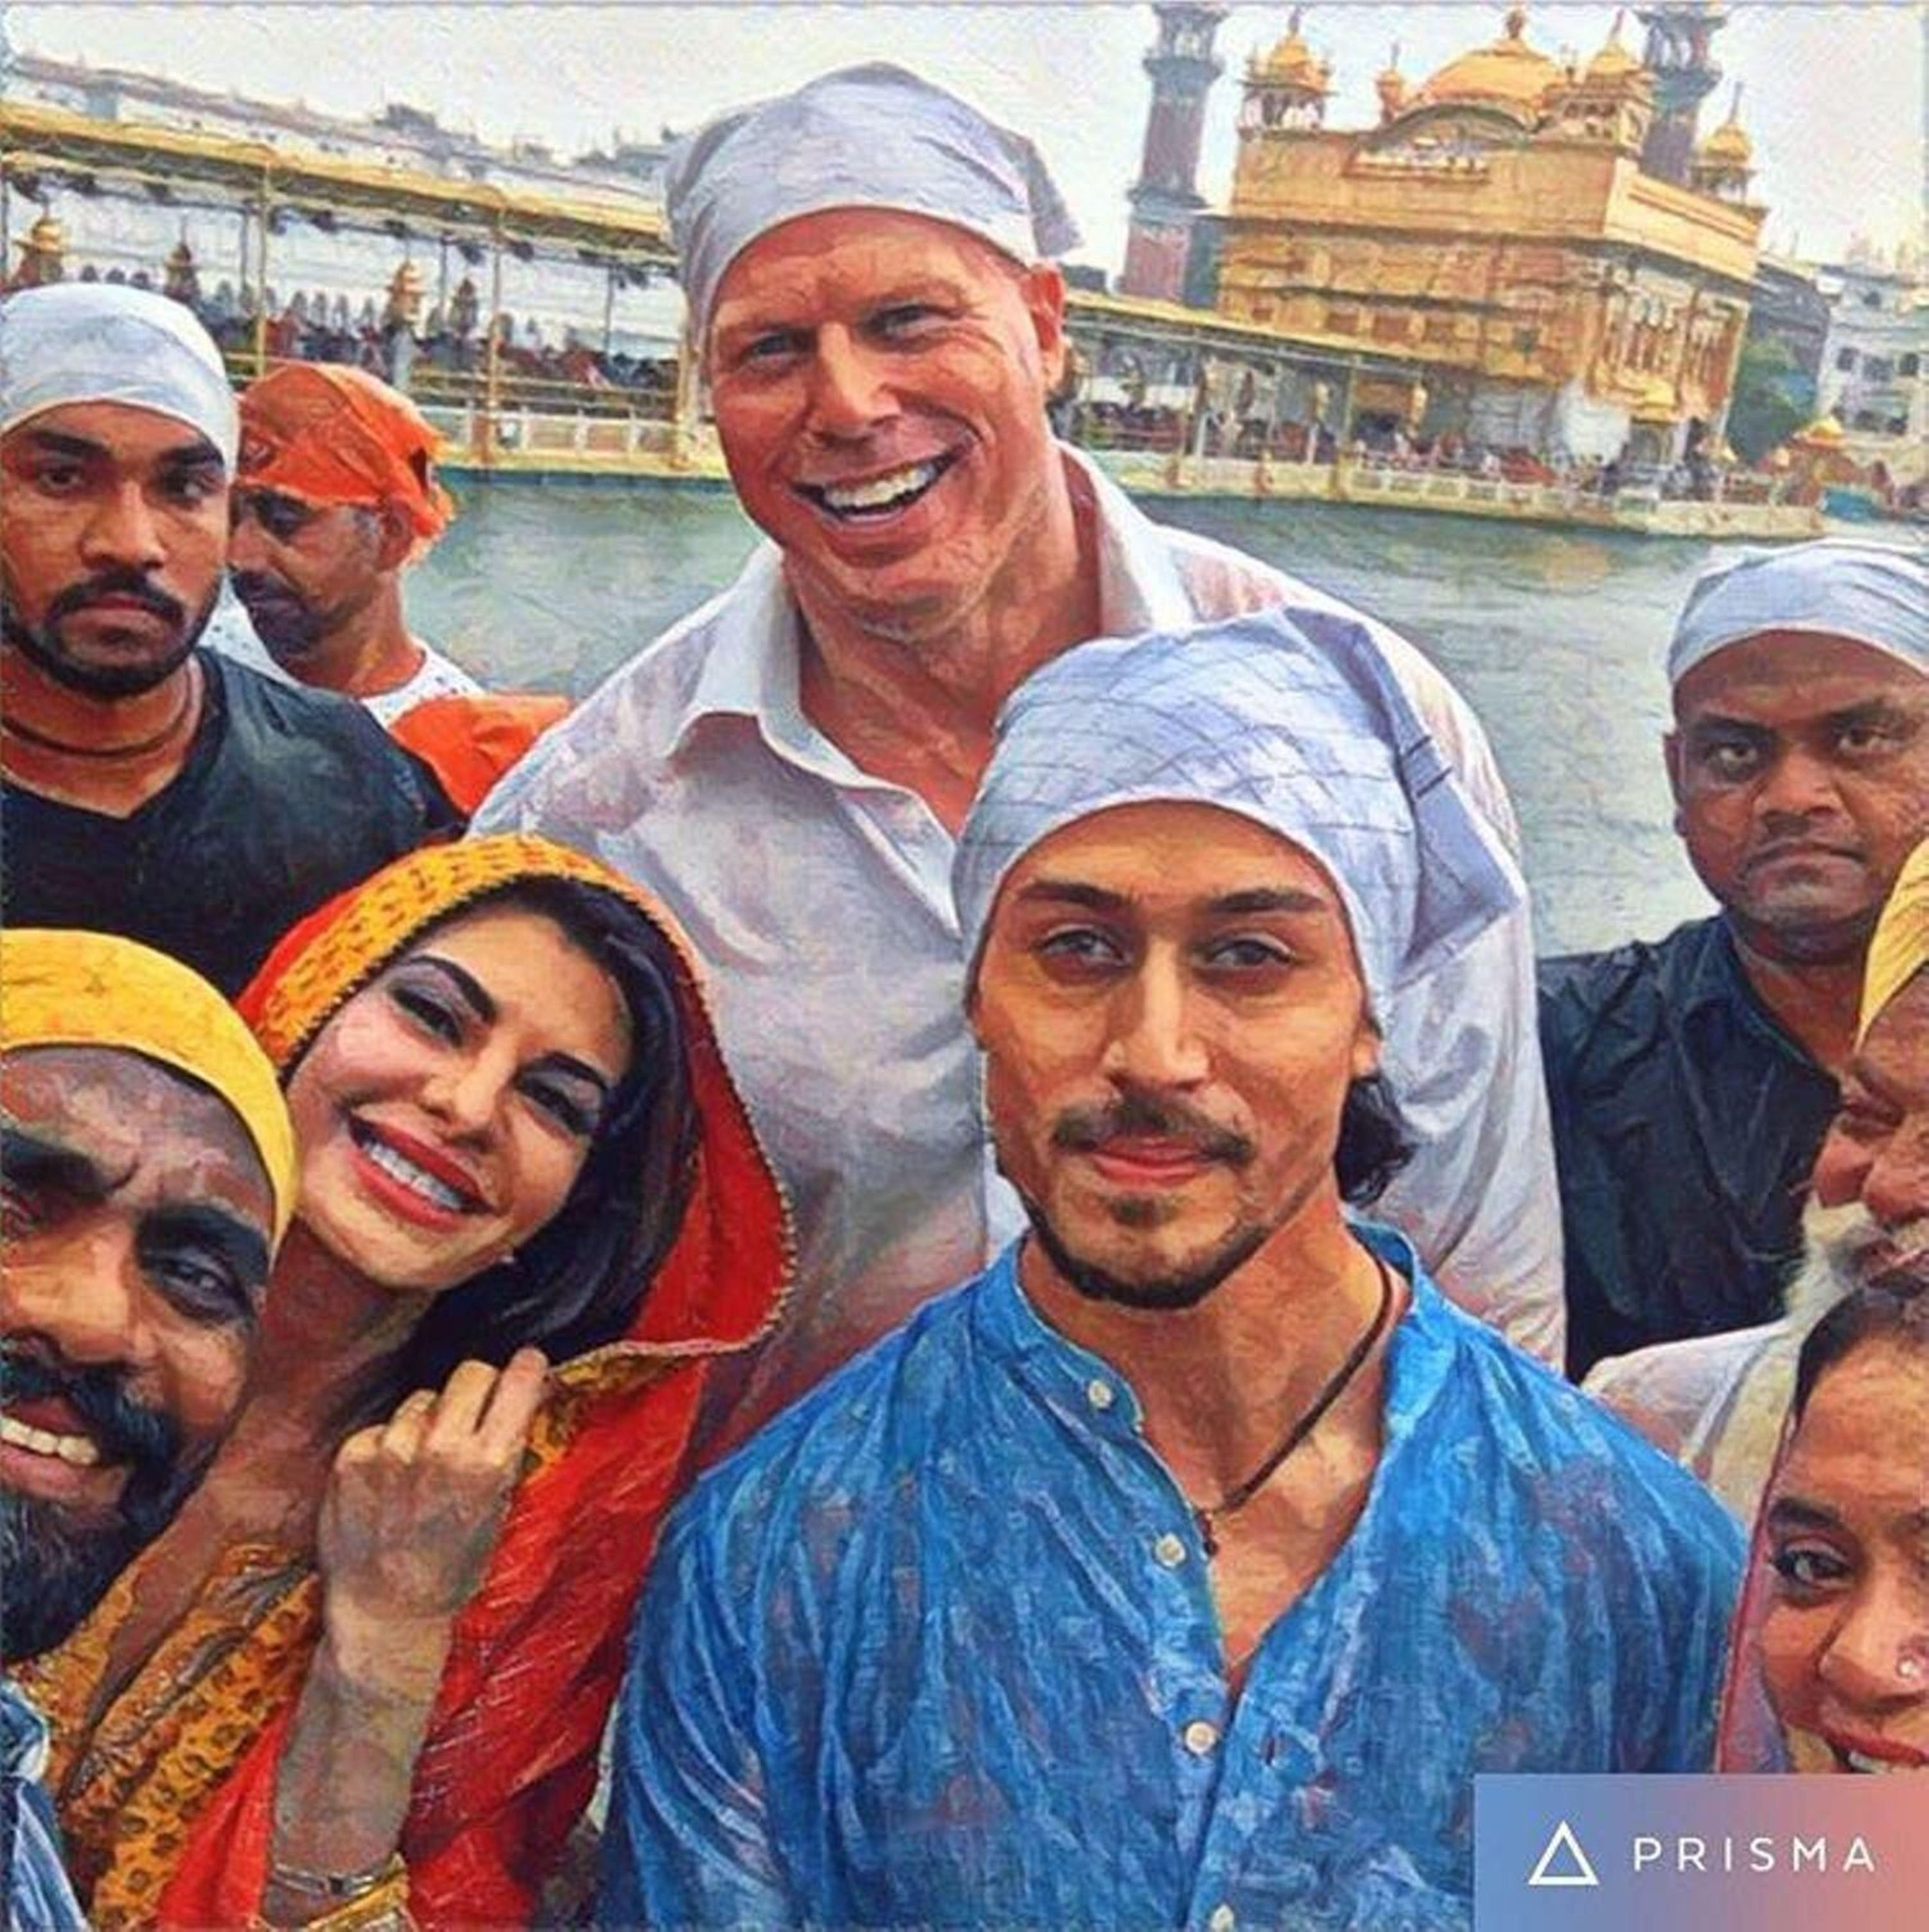 A Flying Jatt cast visit Golden Temple